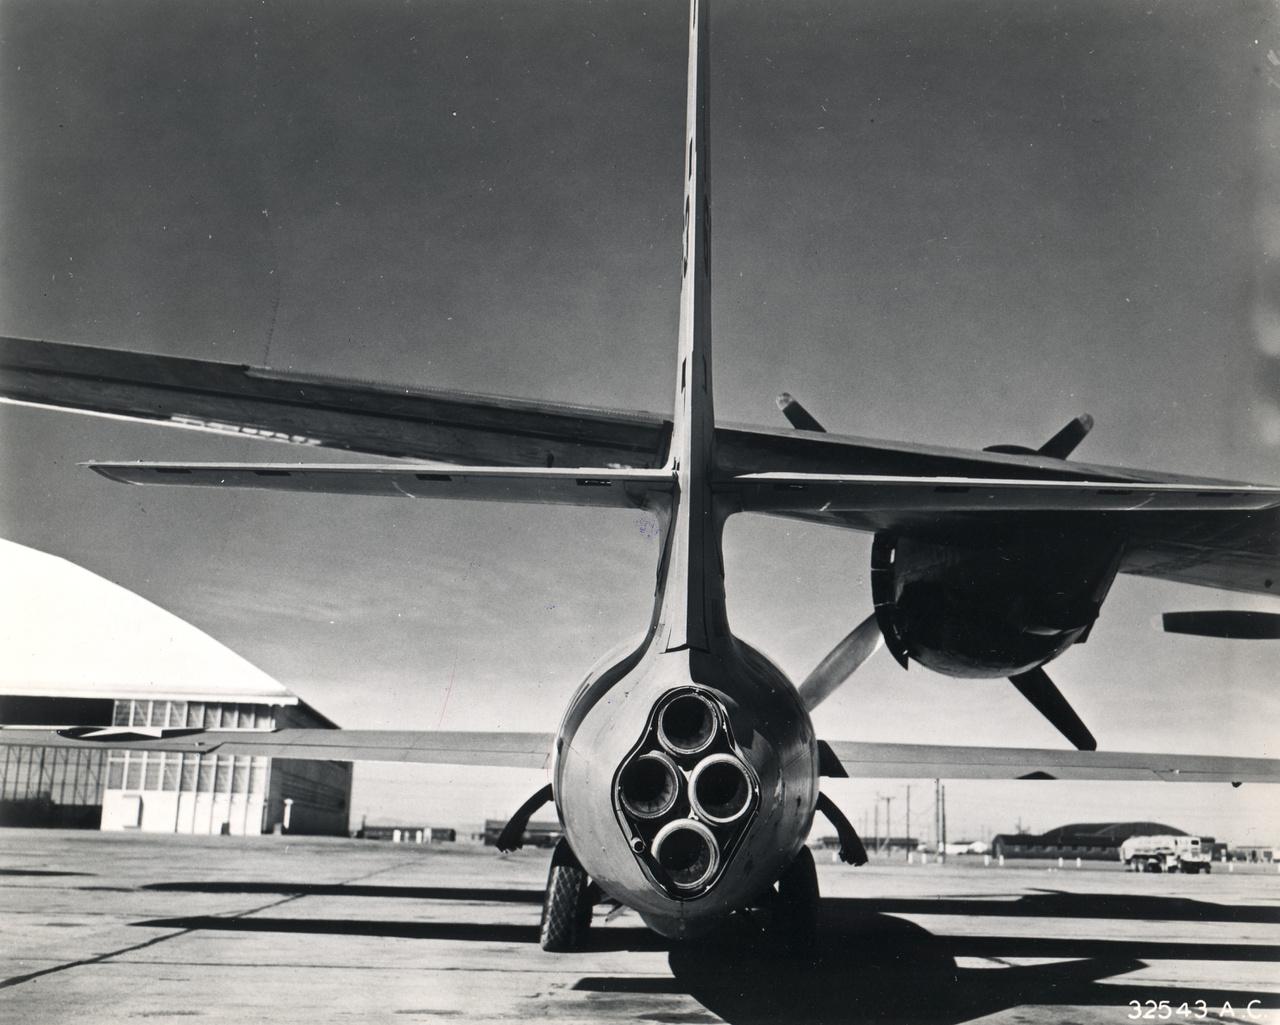 Mivel akkortájt nem voltak még elég nagy teljesítményűek a sugárhajtású repülőgép-hajtóművek, a Bell X-1-be egy négykamrás XLR-11 rakétamotort szereltek, ami összesen 26,500 Newton statikus tolóerő kifejtésére volt képes.